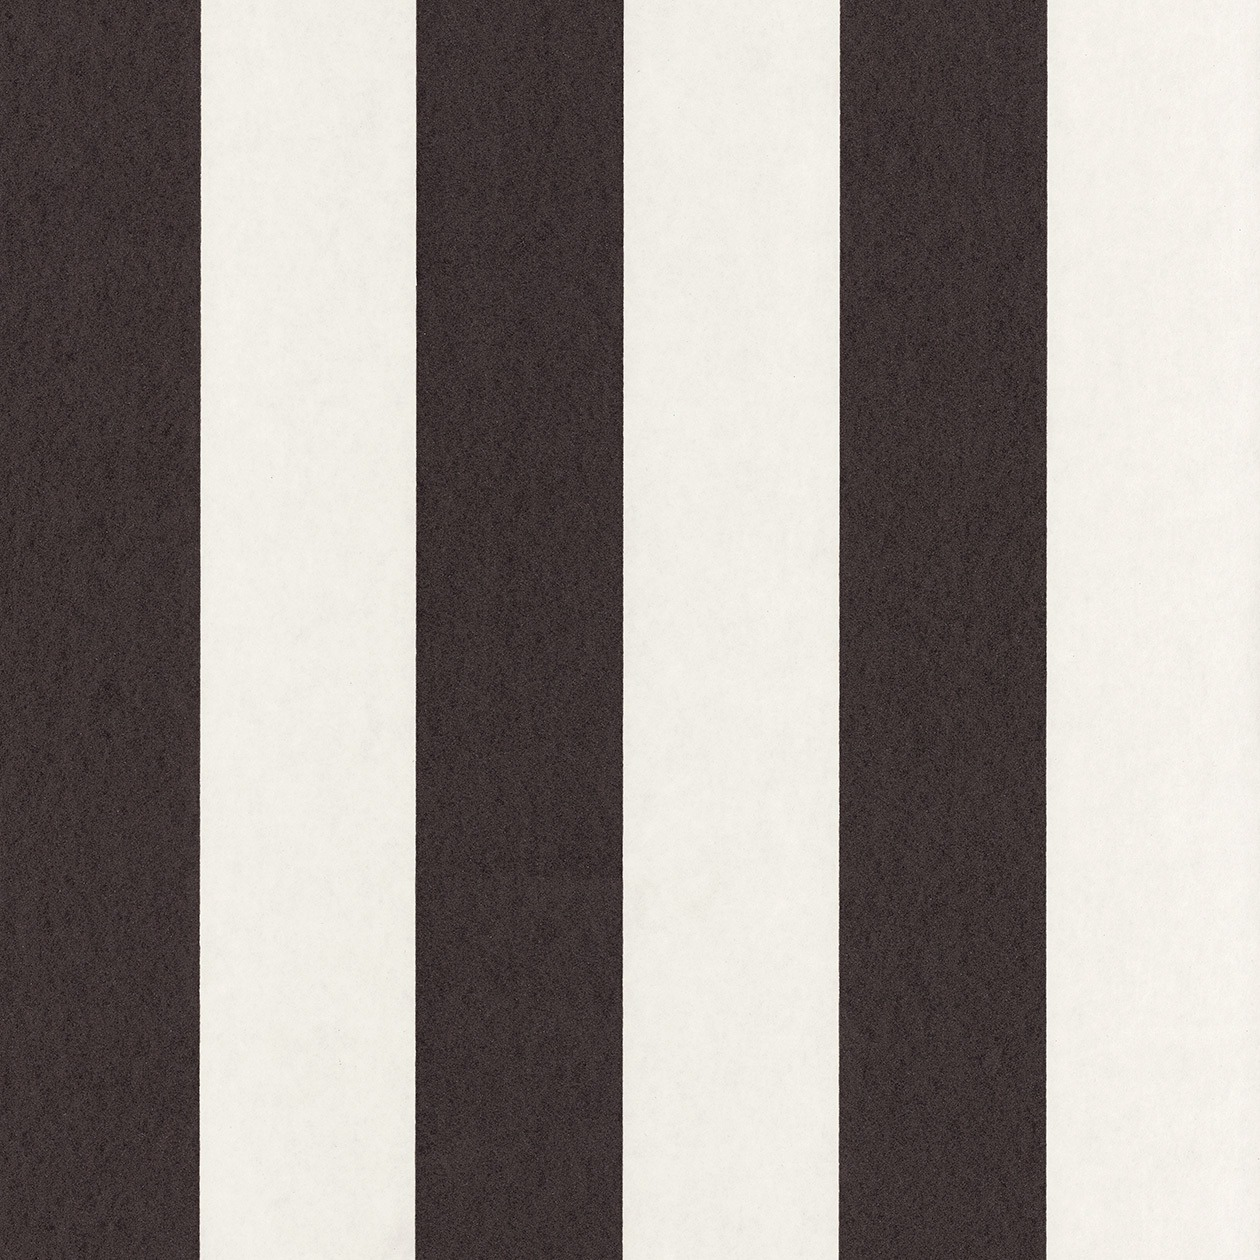 Французские обои Caselio,  коллекция Shades, артикулSHA60399005